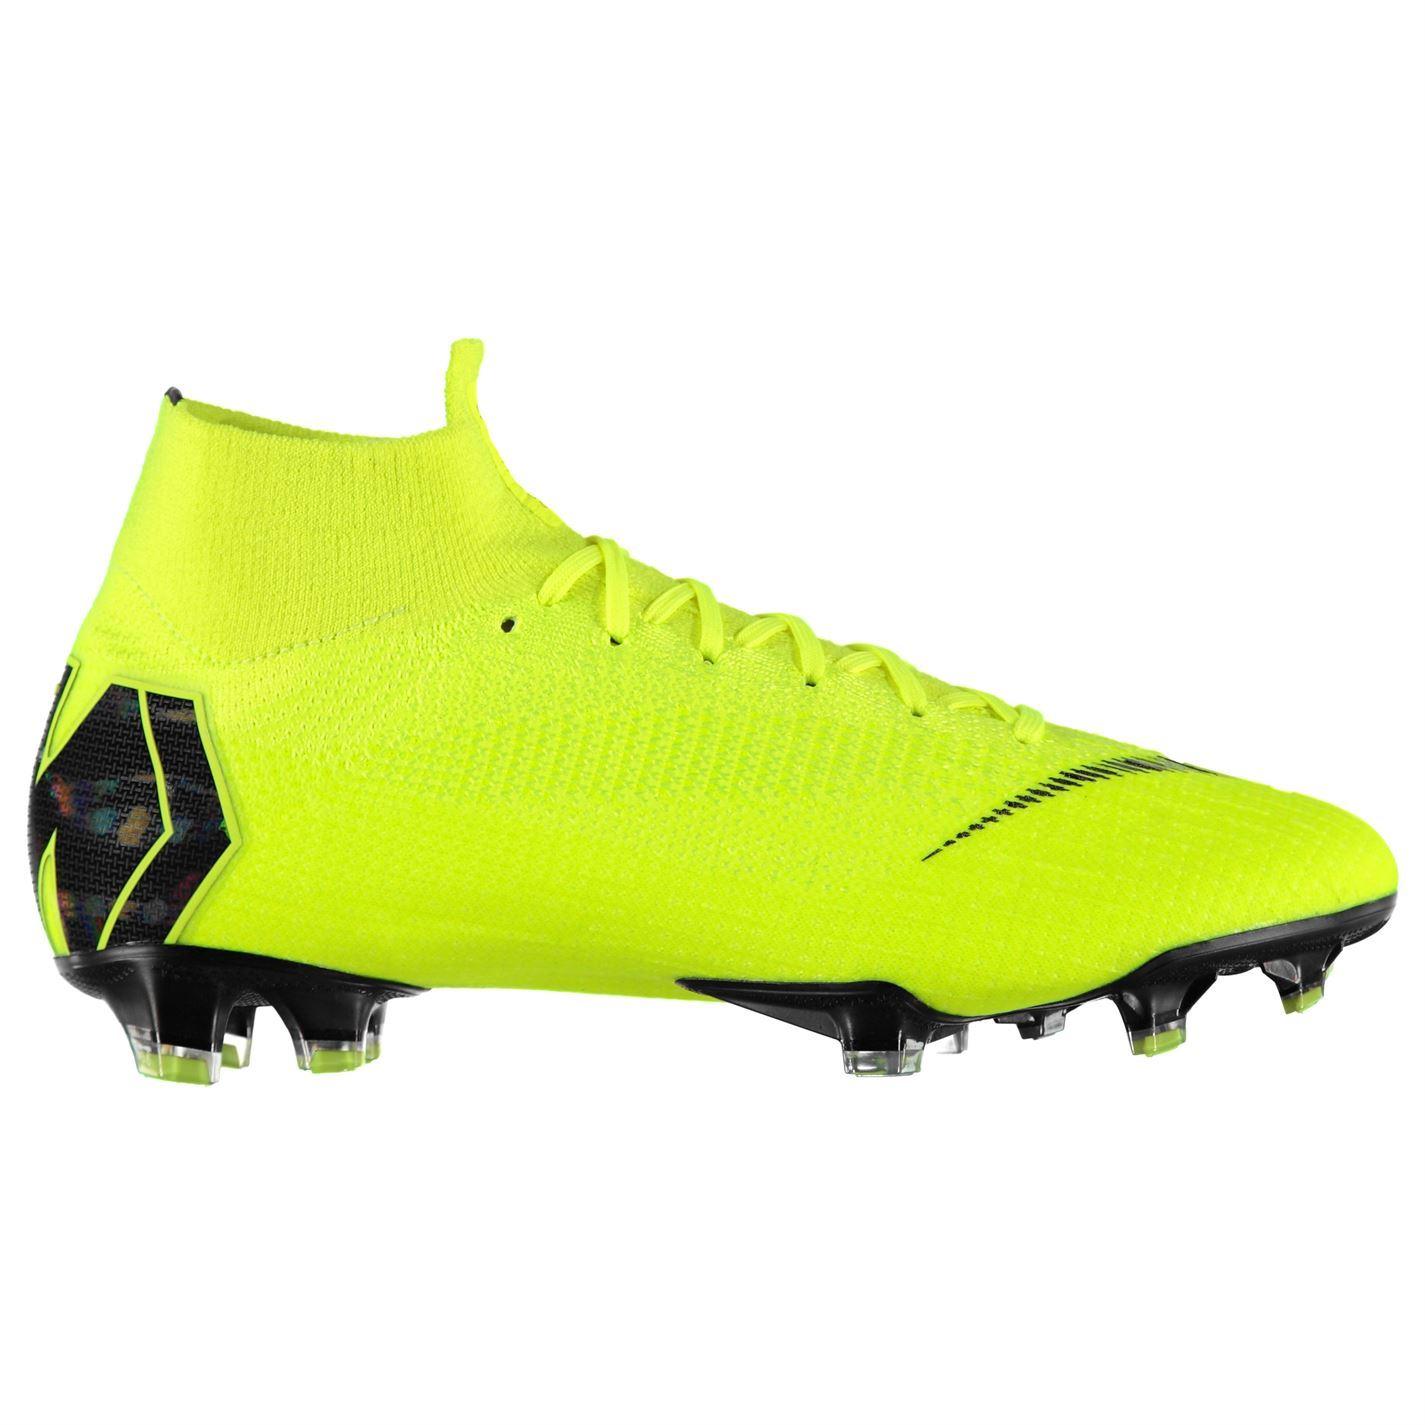 new product 23c17 94a41 ... Nike Mercurial Superfly DF Elite empresa tierra futbol botas futbol  hombre calas